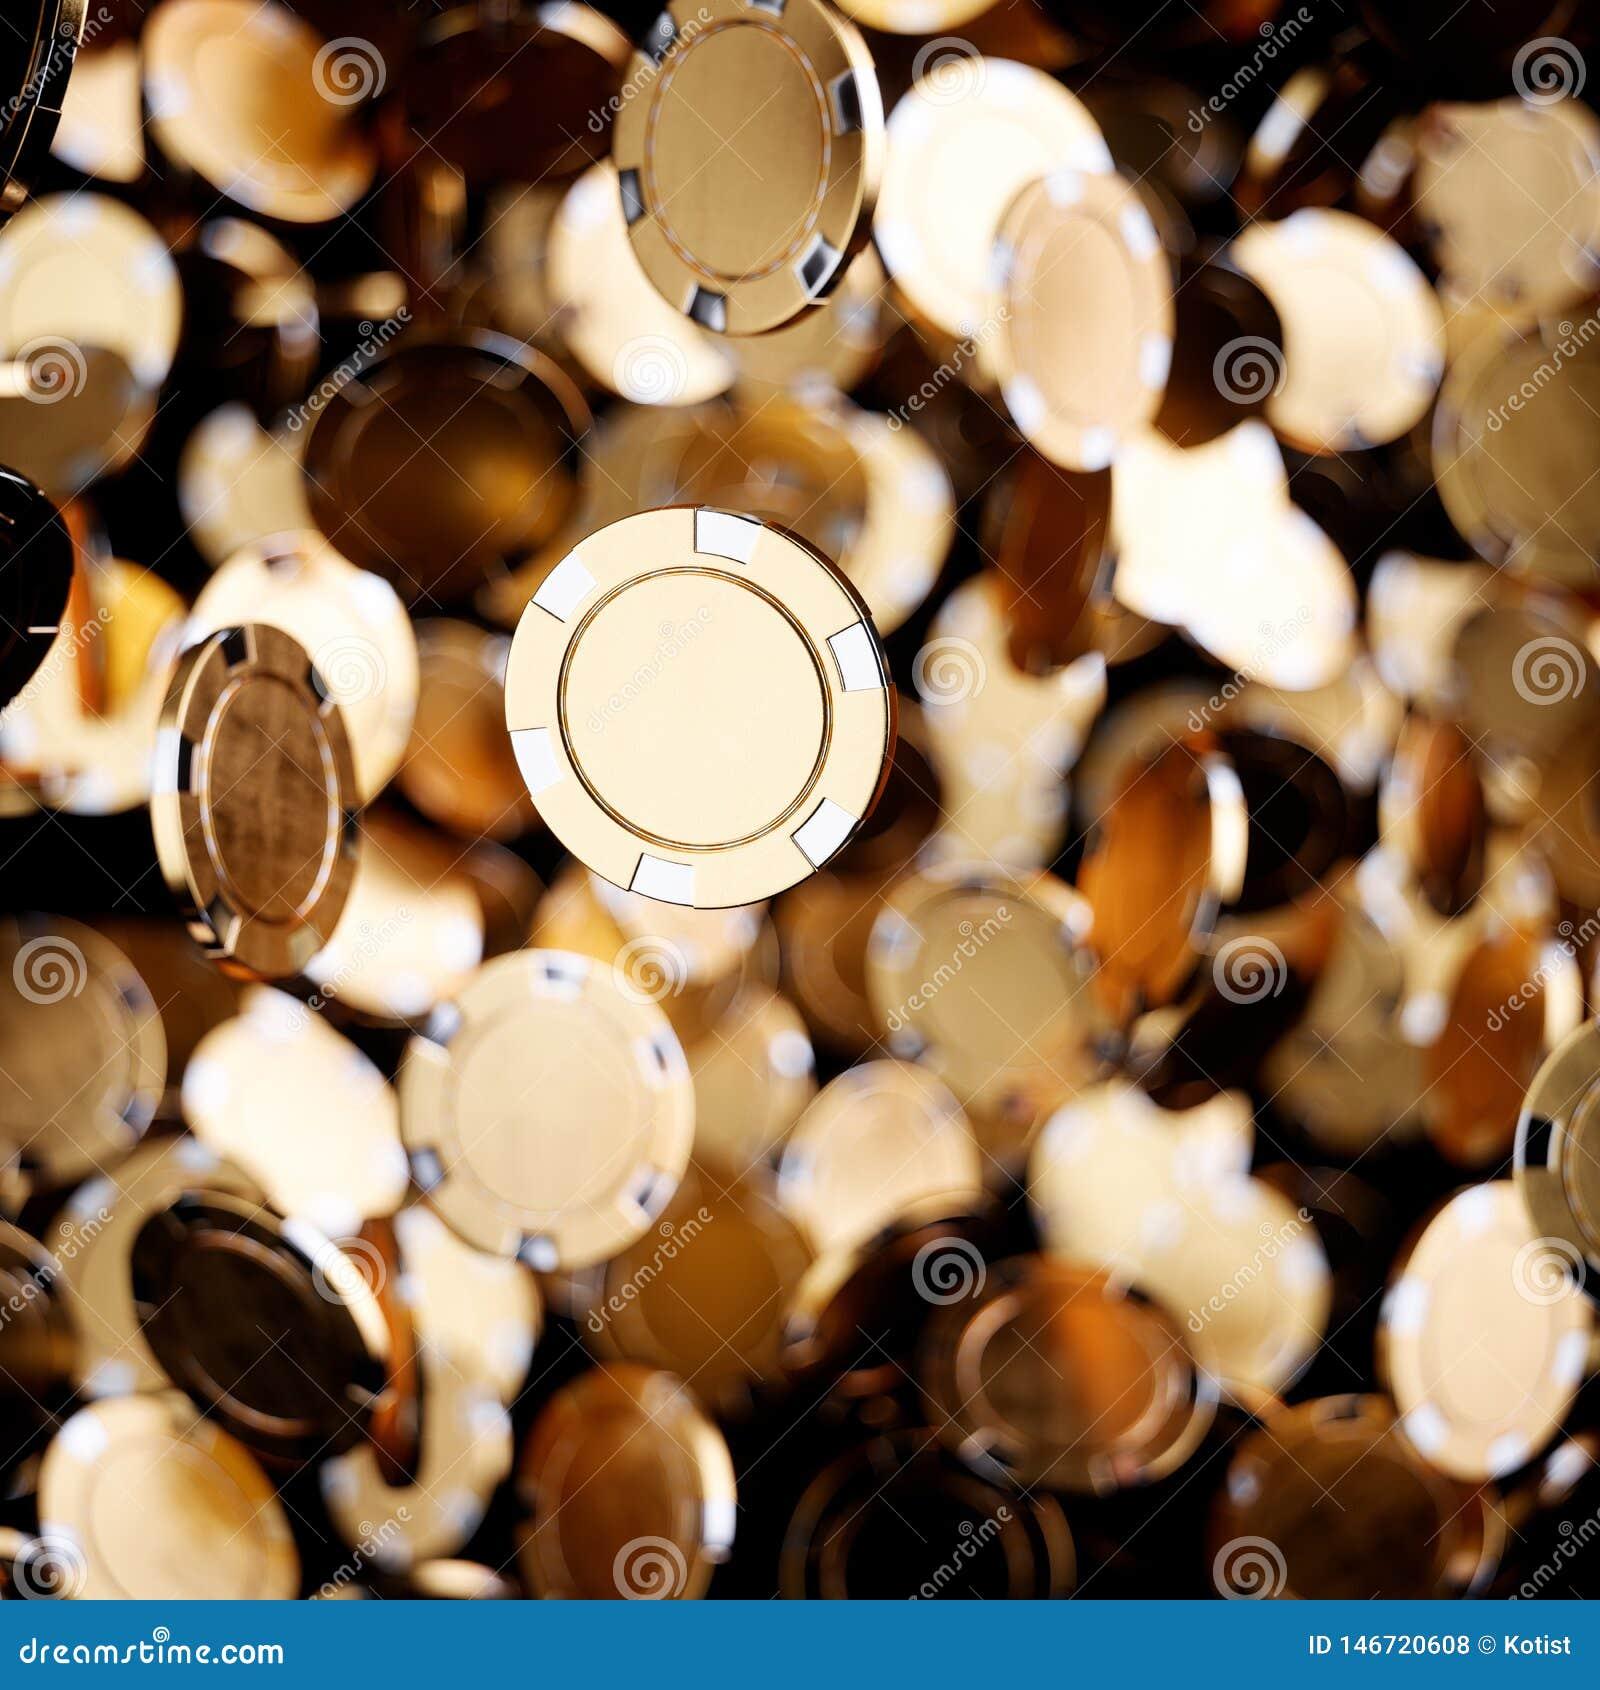 Gold casino poker chips flying